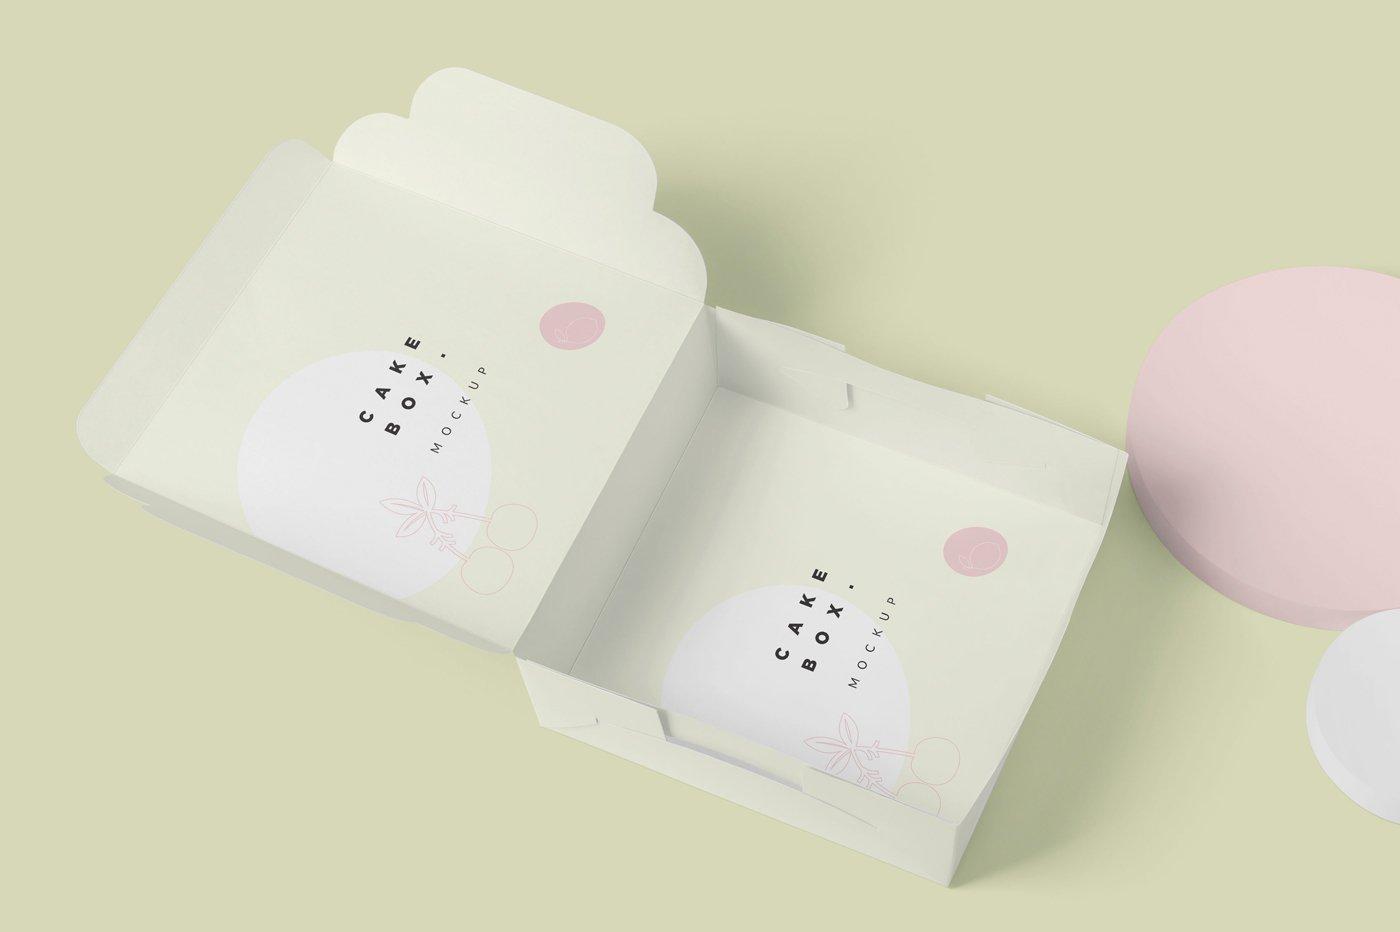 方形蛋糕纸板盒设计展示样机 Large Square Cake Cardboard Box Mockups插图(2)